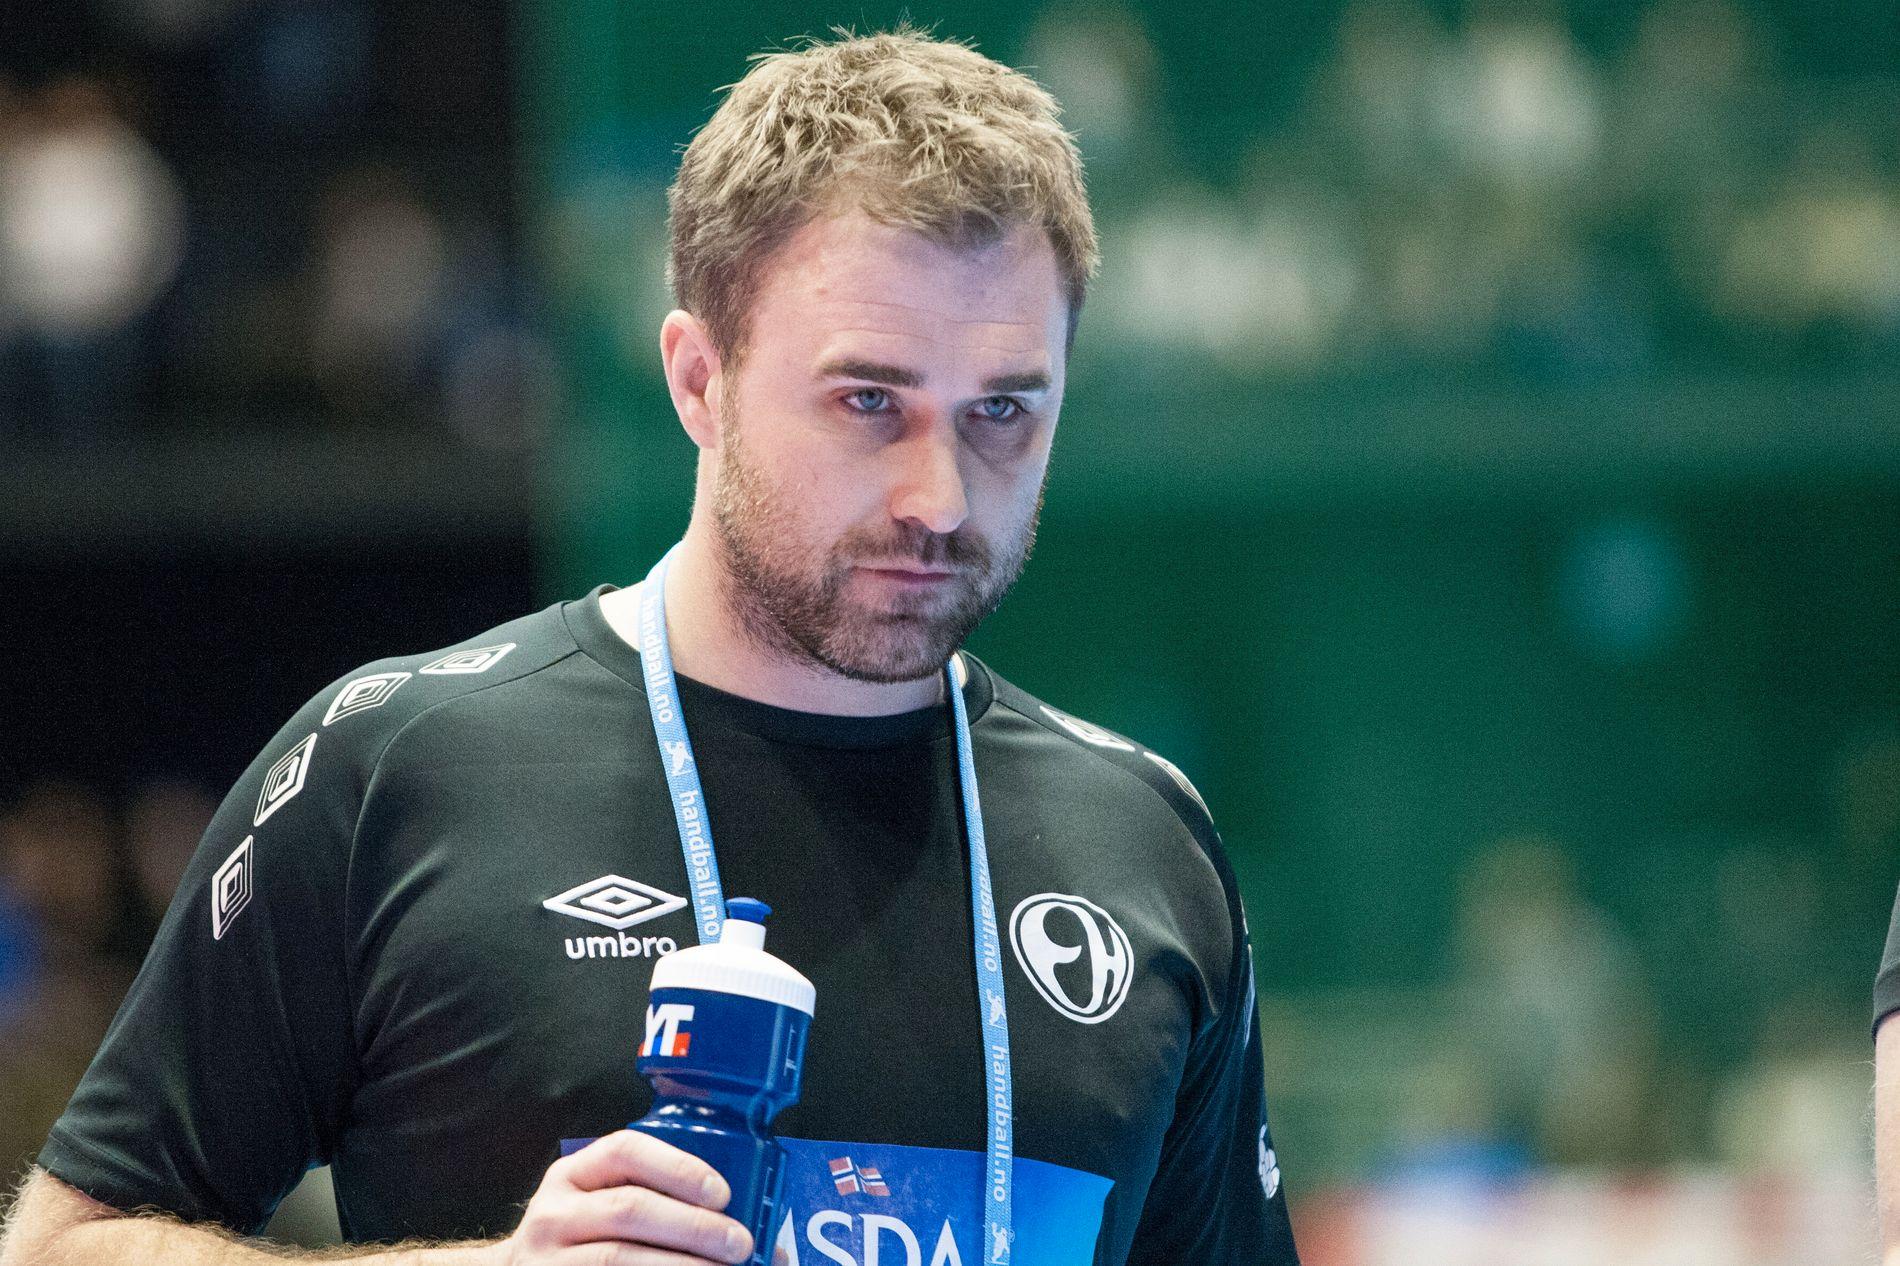 STORSEIER: Elverum-trener Mikael Apelgren fikk se sitt lag valse over nyopprykkede Nærbø i seriepremieren. Her avbildet under cupfinalen i 2016.